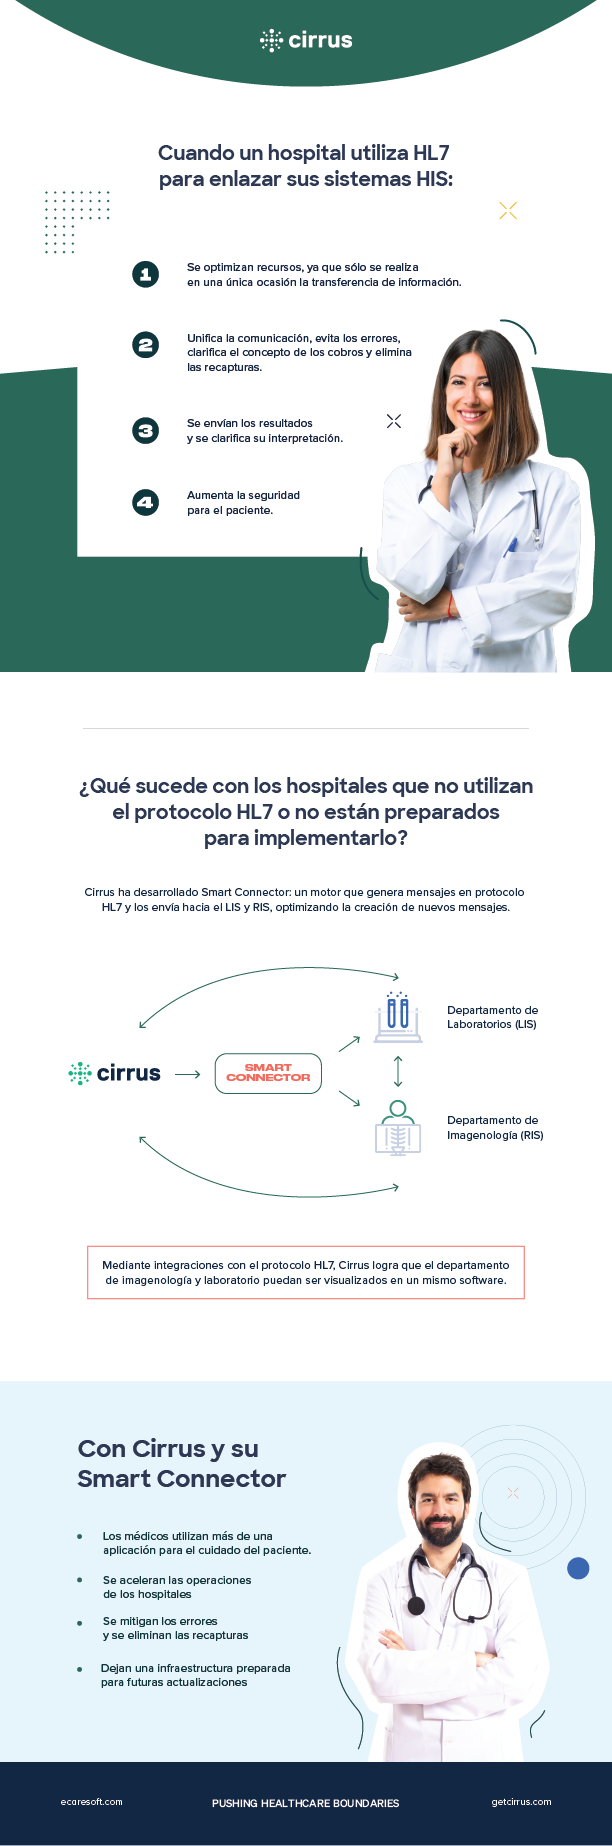 El software para hospitales Cirrus ha desarrollado Smart Connector: un motor que genera mensajes en protocolo HL7 y los envía hacia el LIS y RIS, optimizando la creación de nuevos mensajes.